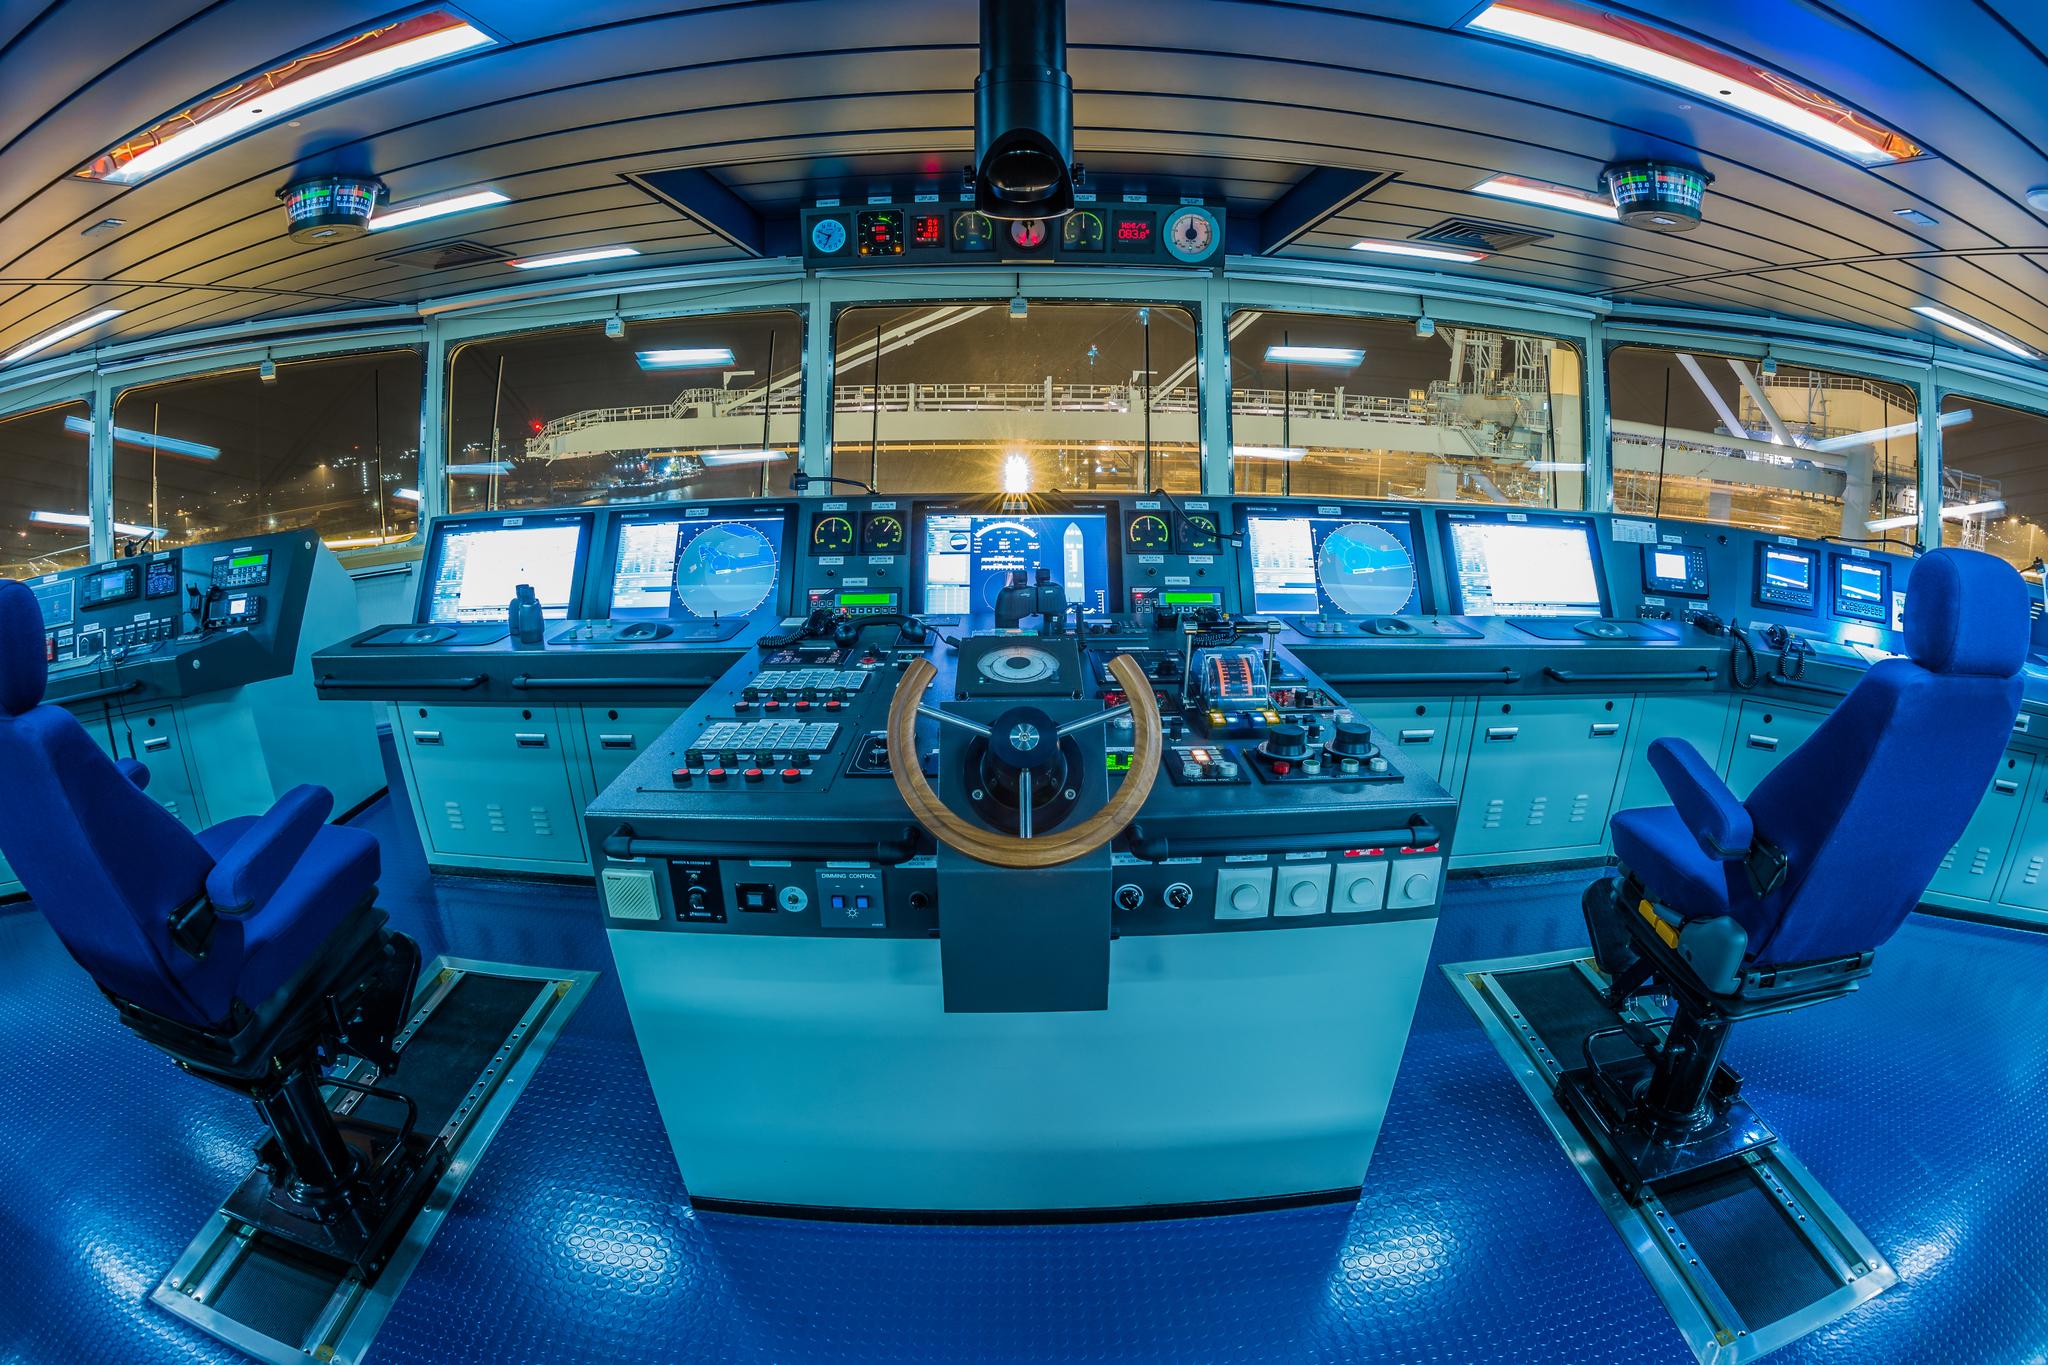 Centralna konsola nawigacyjna na mostku Mayview Maersk (fot. Robert Urbaniak)